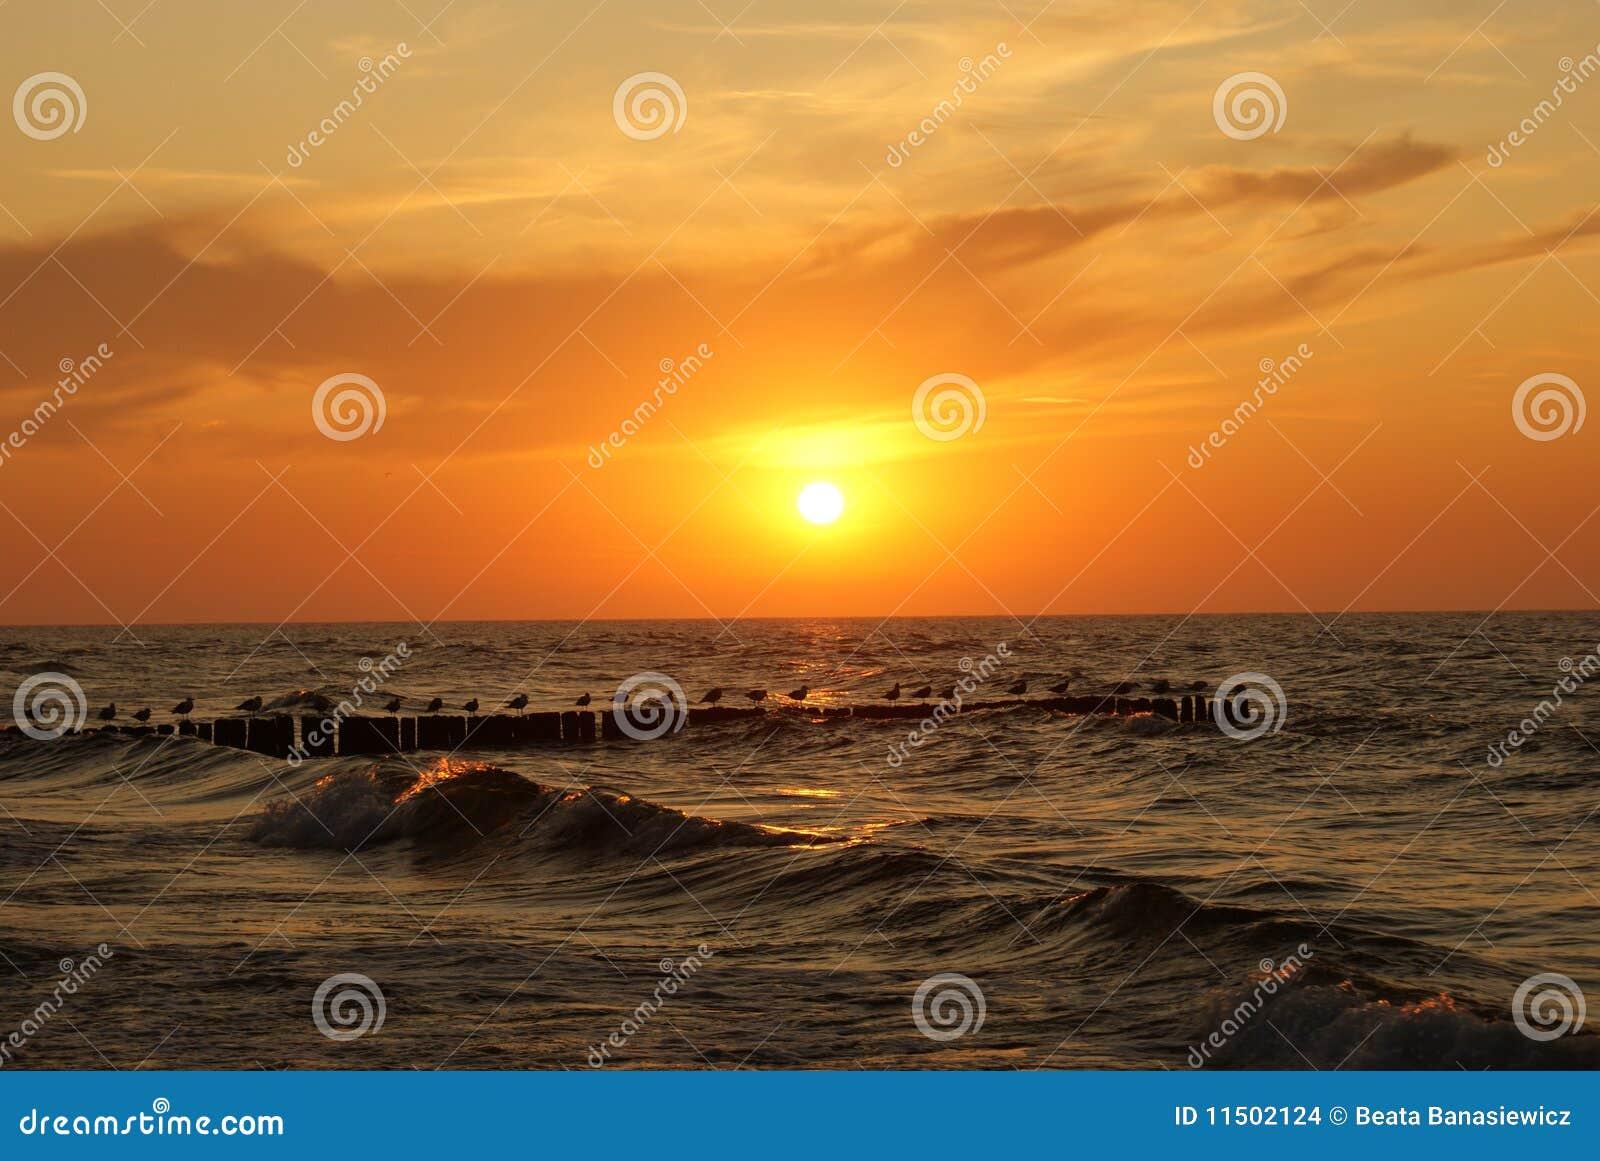 Zonsondergang over het overzees.